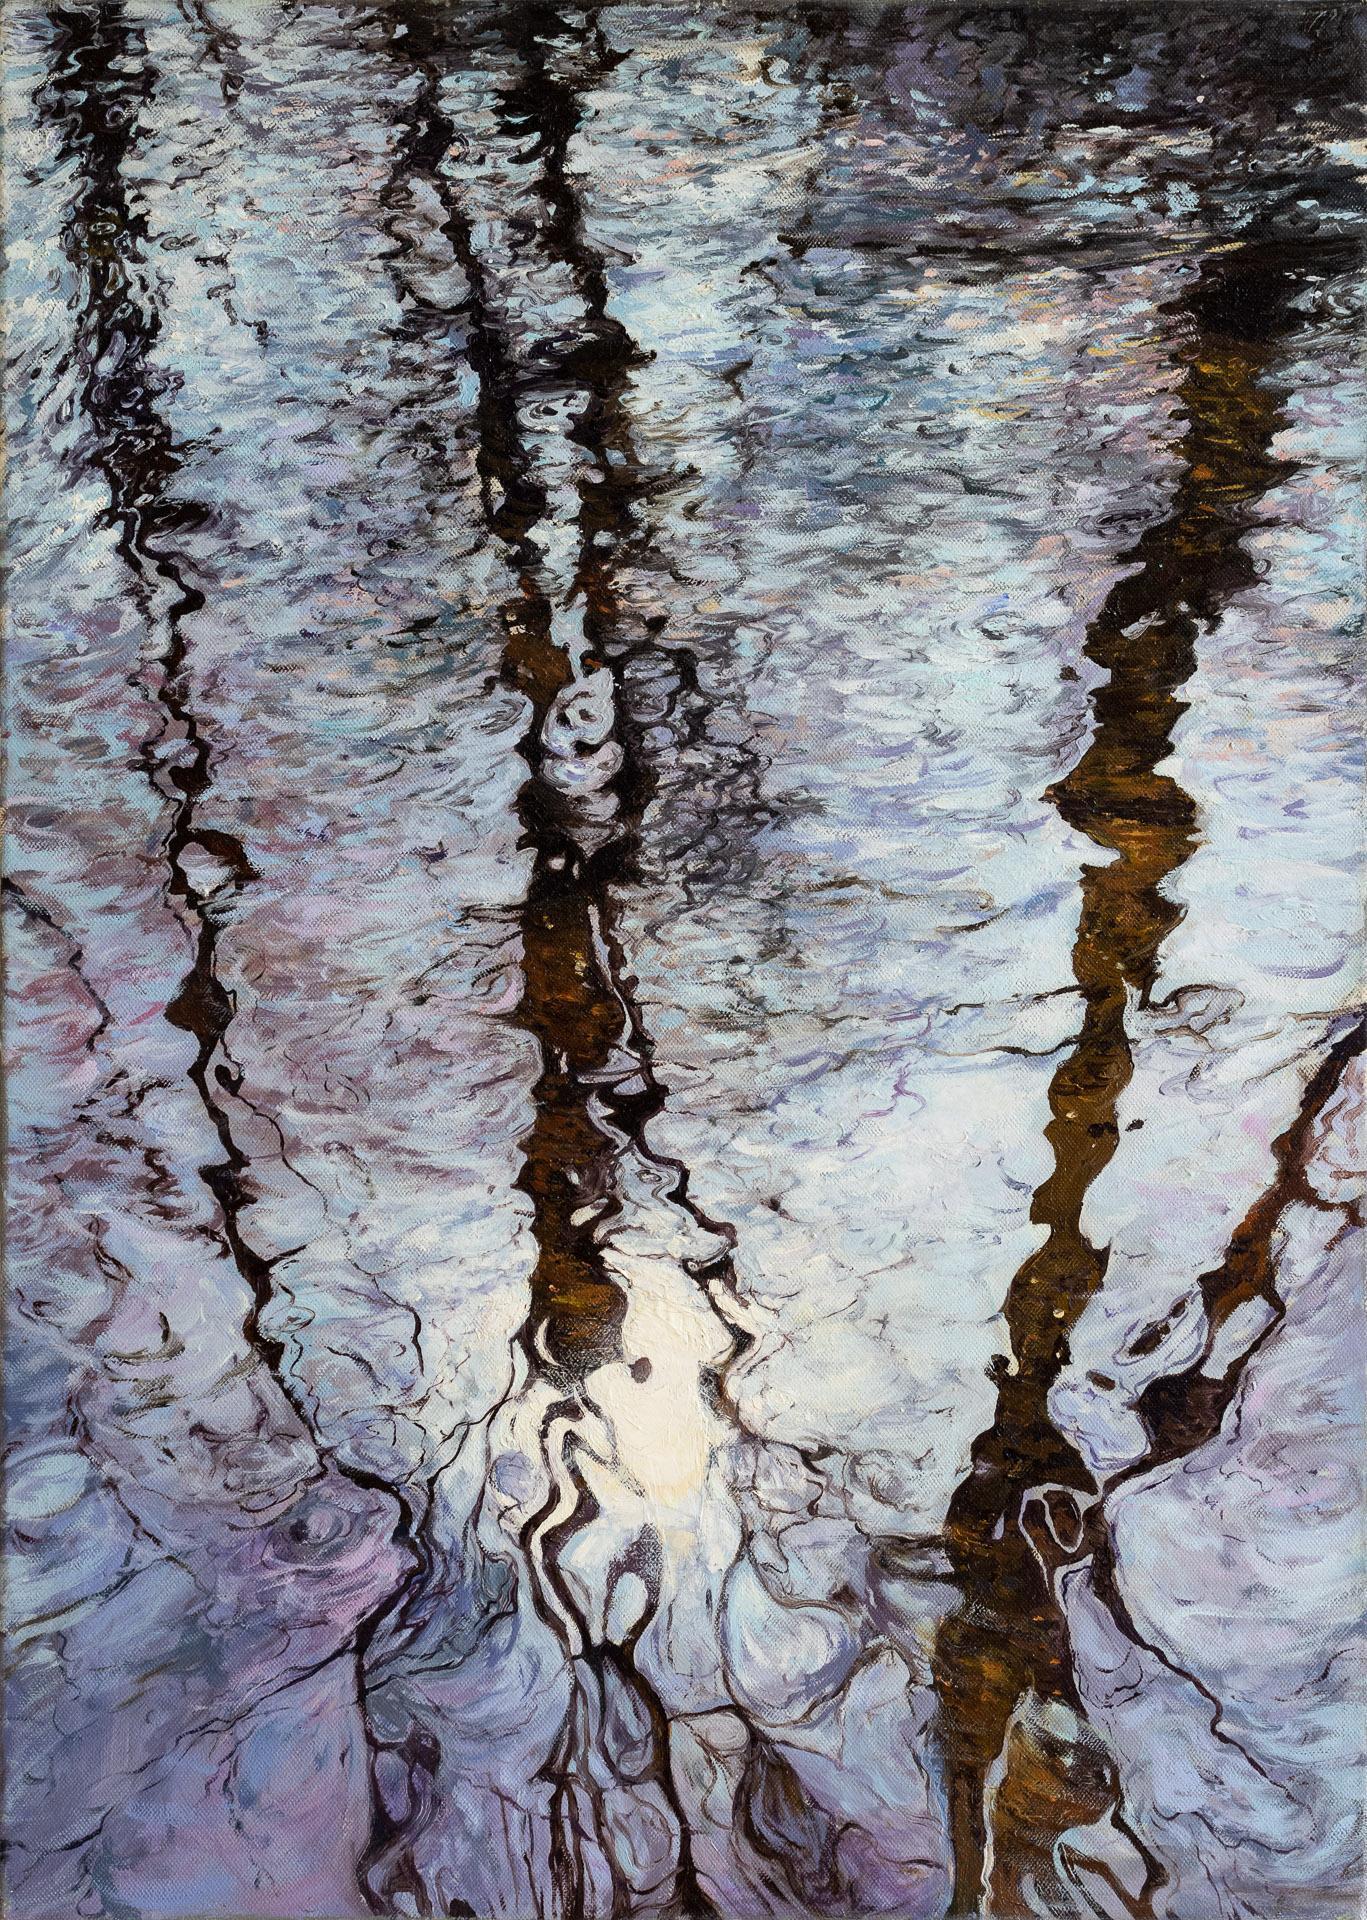 Anna Gestrich – Malerei | Wasserspiegelung im Winter